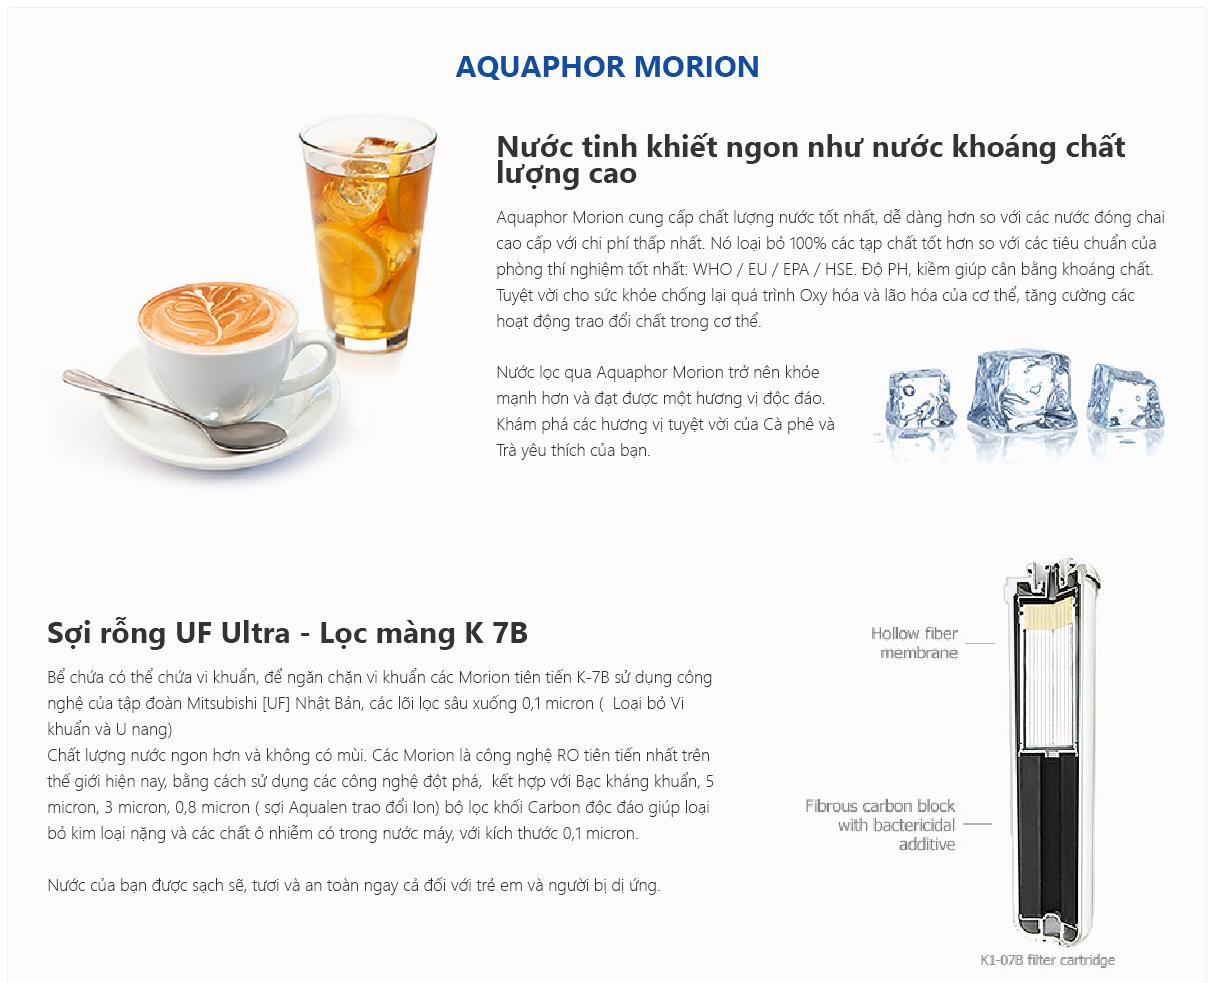 Công nghệ lọc cung cấp loại nước thanh khiết